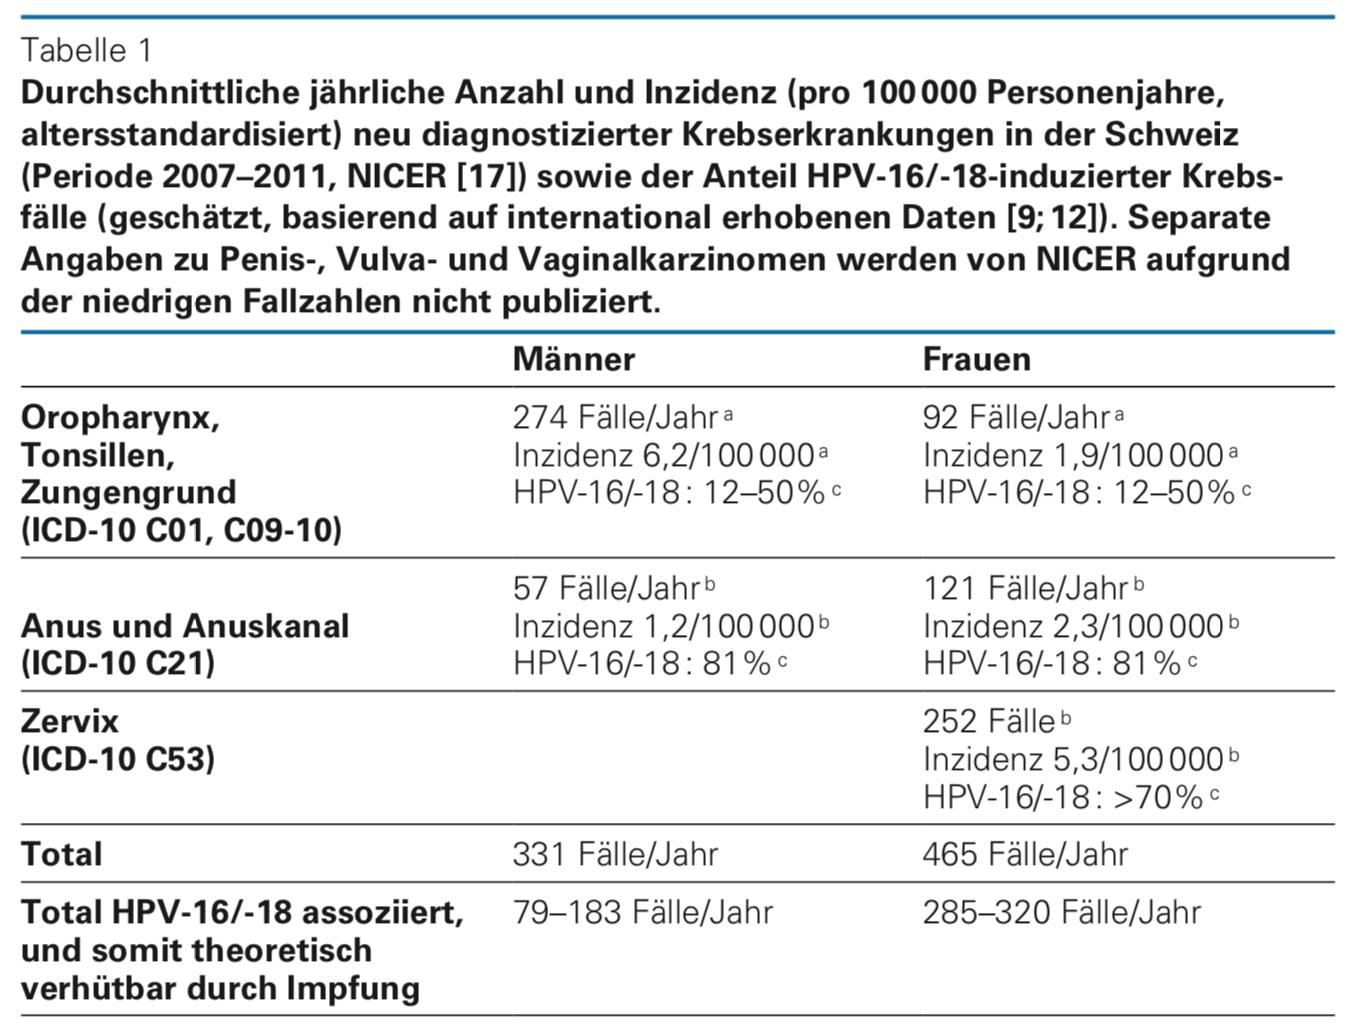 Gardasil Erfahrungen, Bewertungen und Nebenwirkungen - sanego